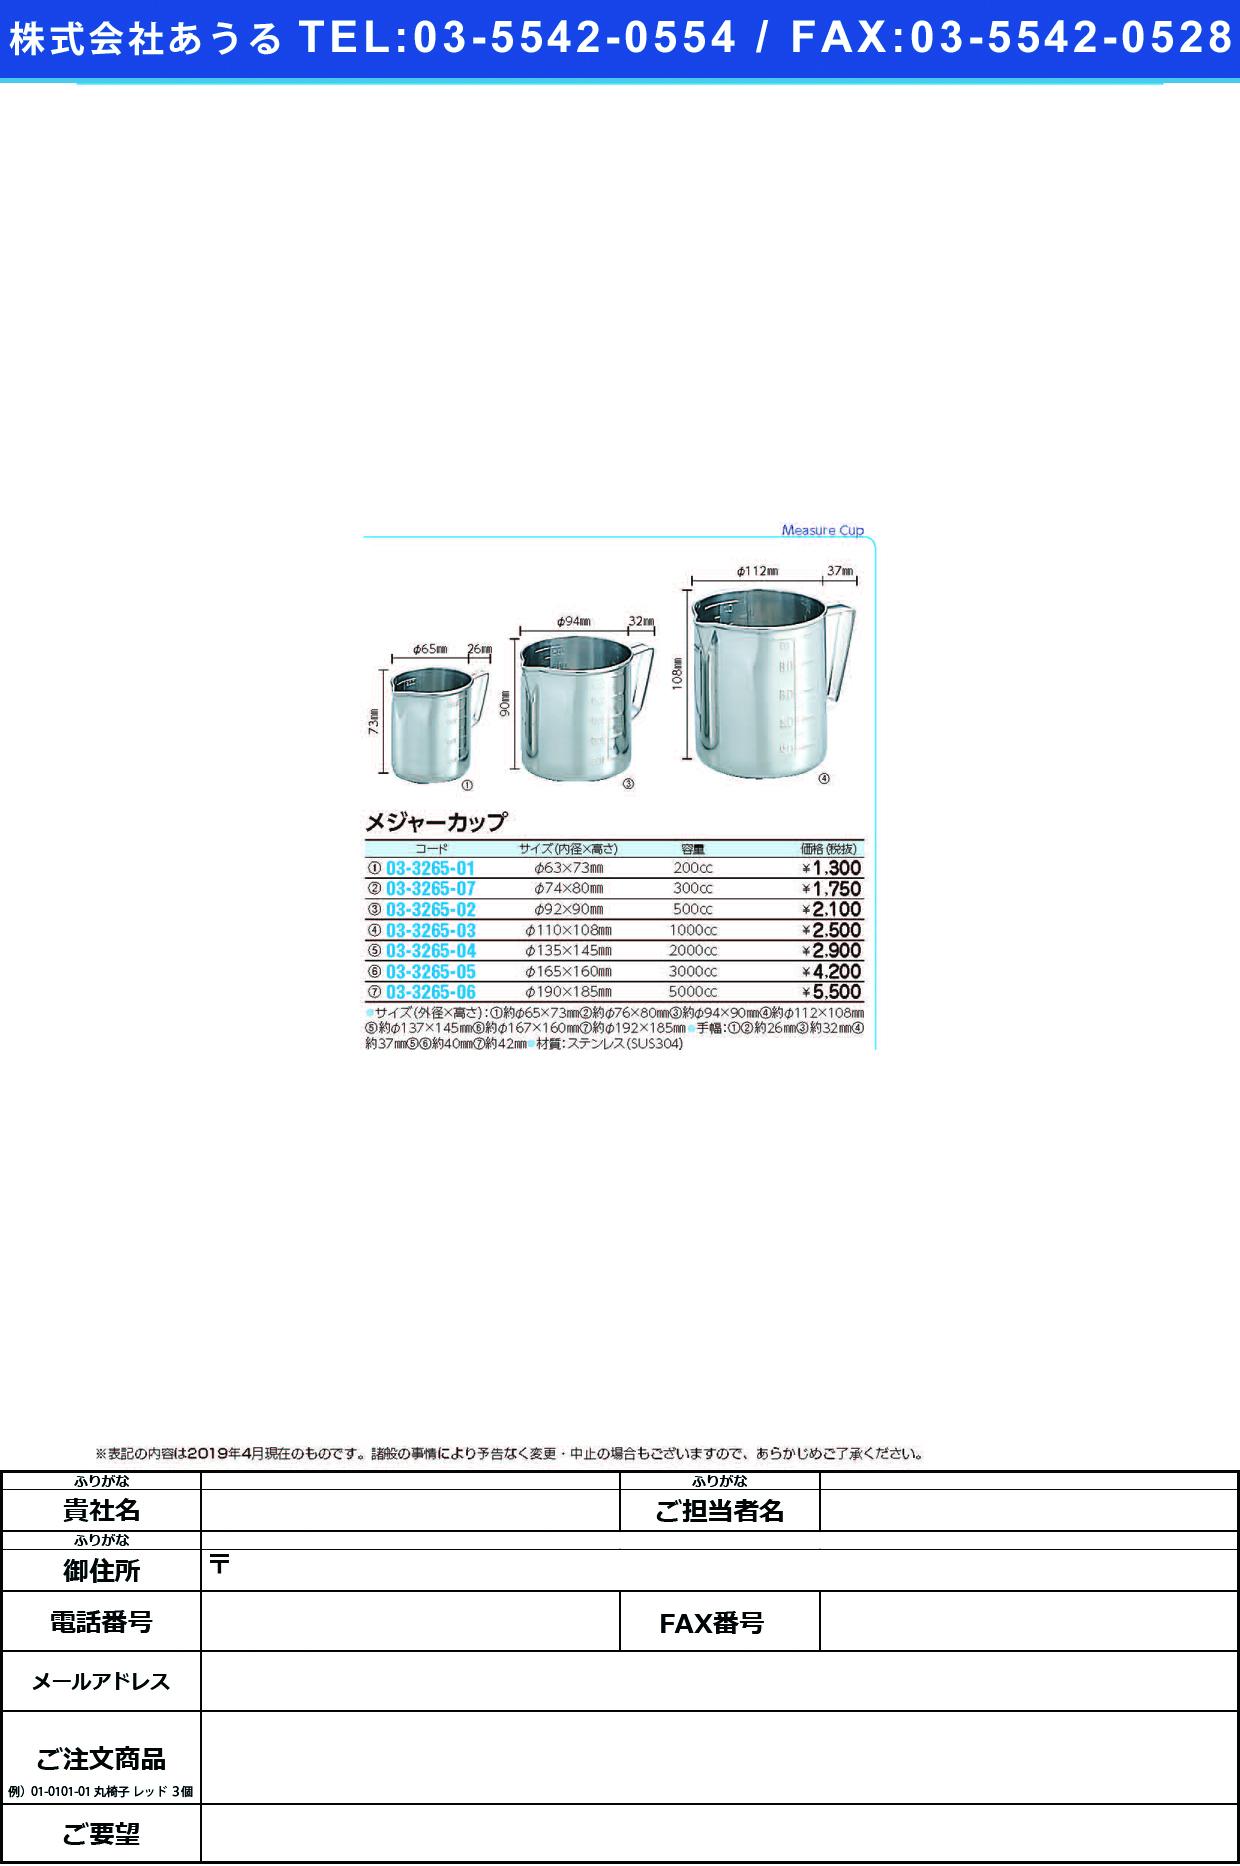 (03-3265-03)ビーカー(メジャーカップ)1L 110X108MM(ステンレス) ビーカー【1個単位】【2019年カタログ商品】